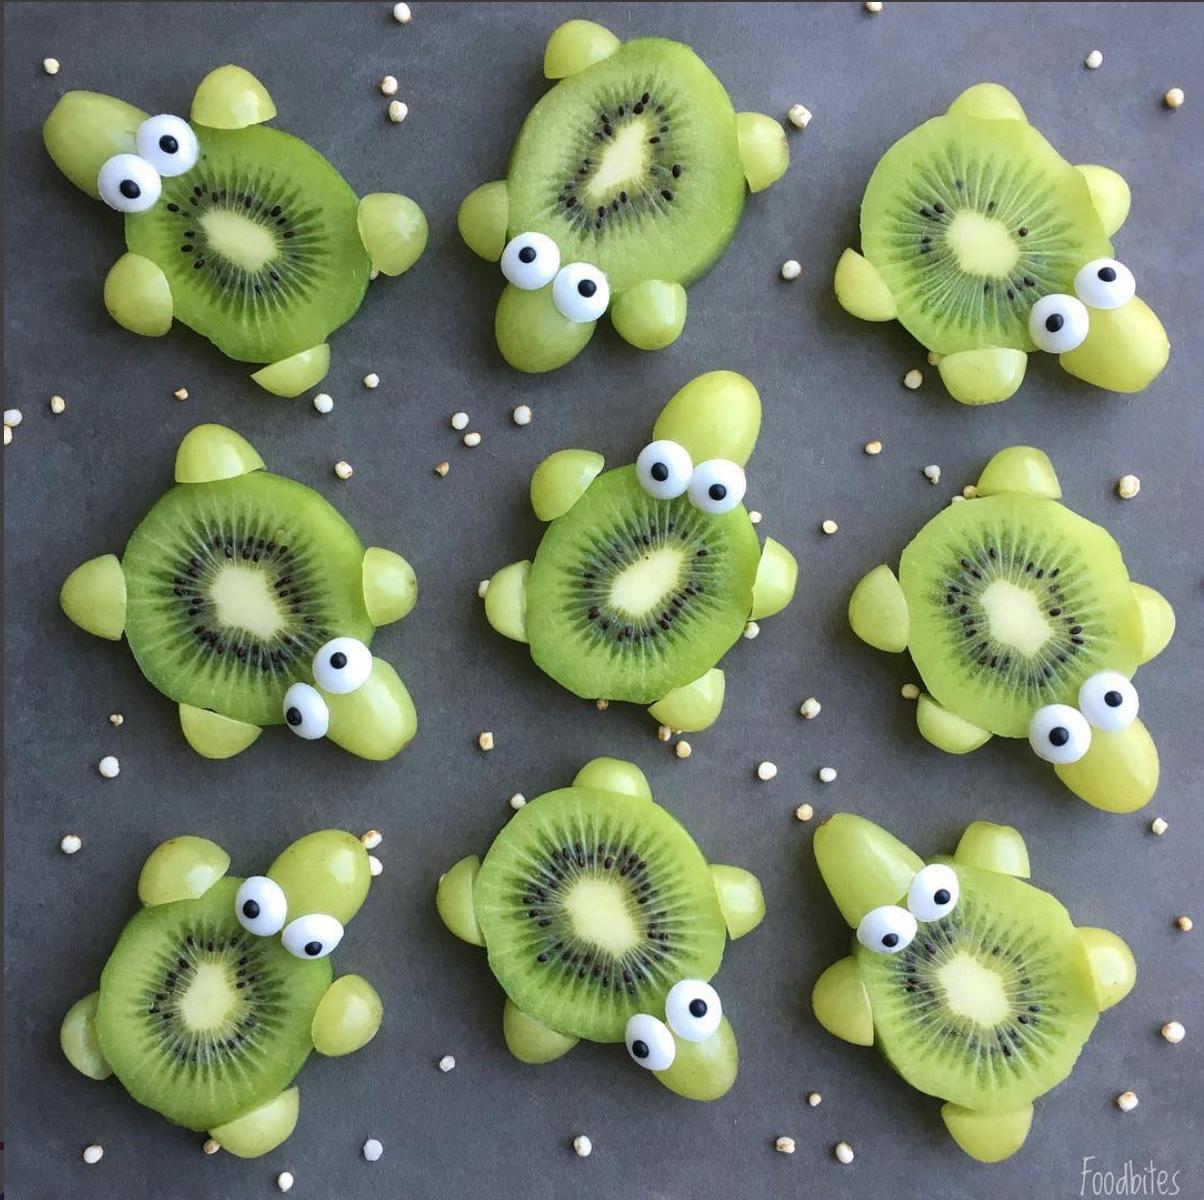 foodbites kiwi frukter och vindruvor ihopsatta som sköldpaddor